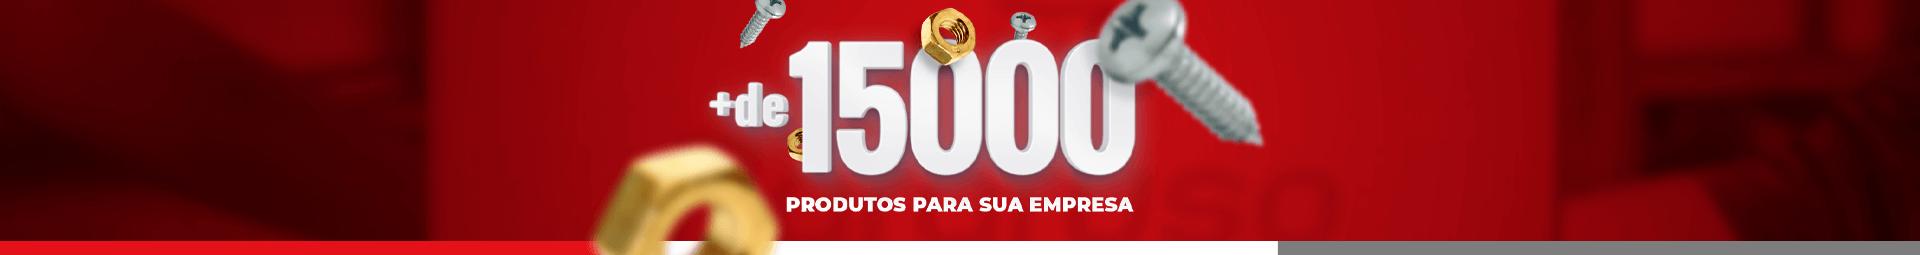 + de 1500 produtos